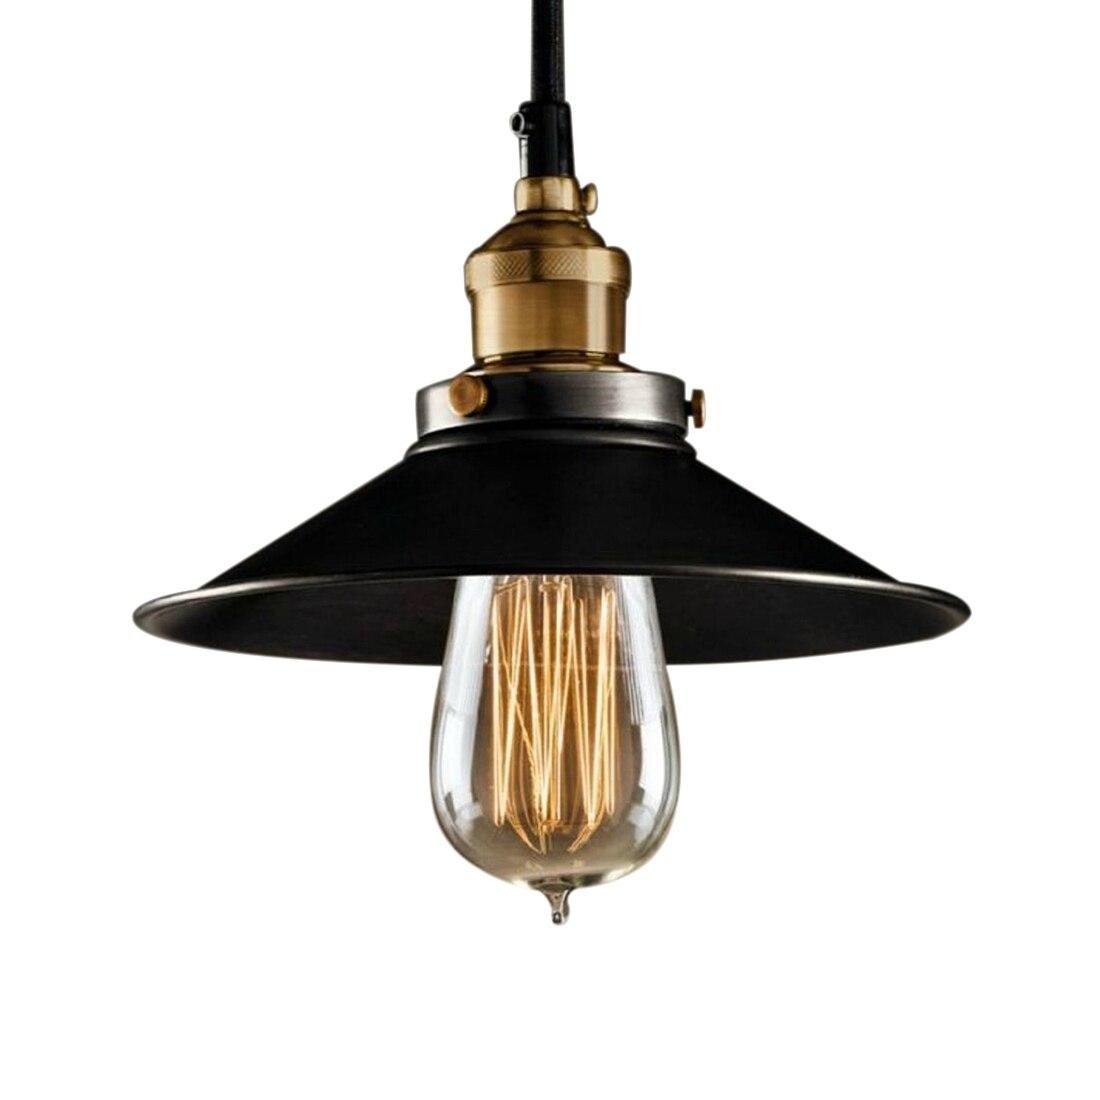 Cnim горячей гараж из металла потолочный светильник Винтаж ретро люстра для Обеденная ...